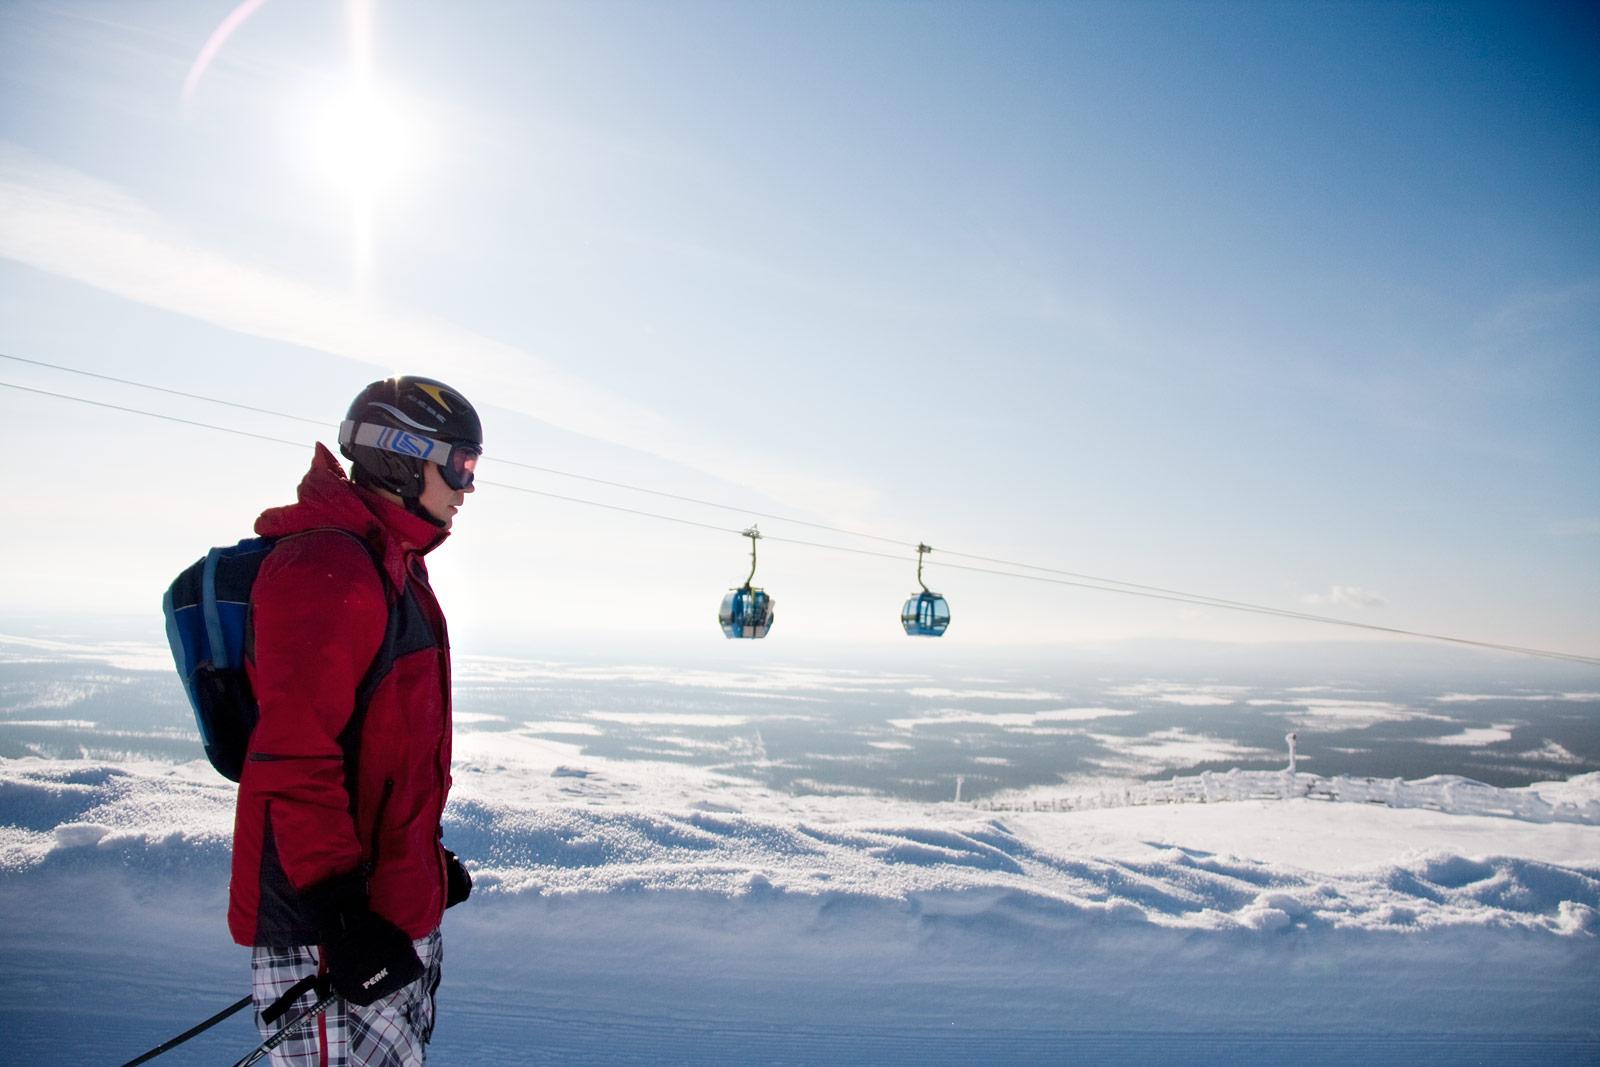 Levi-hiihtokeskus – Esittelyssä rinteet ja palvelut